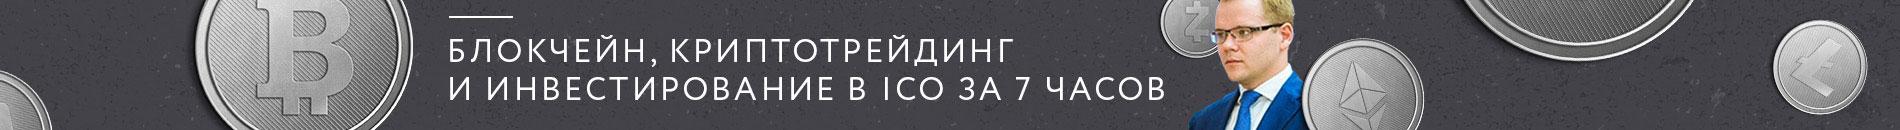 https://utmagazine.ru/img/banners/crypto/crypto3_1900x130.jpg